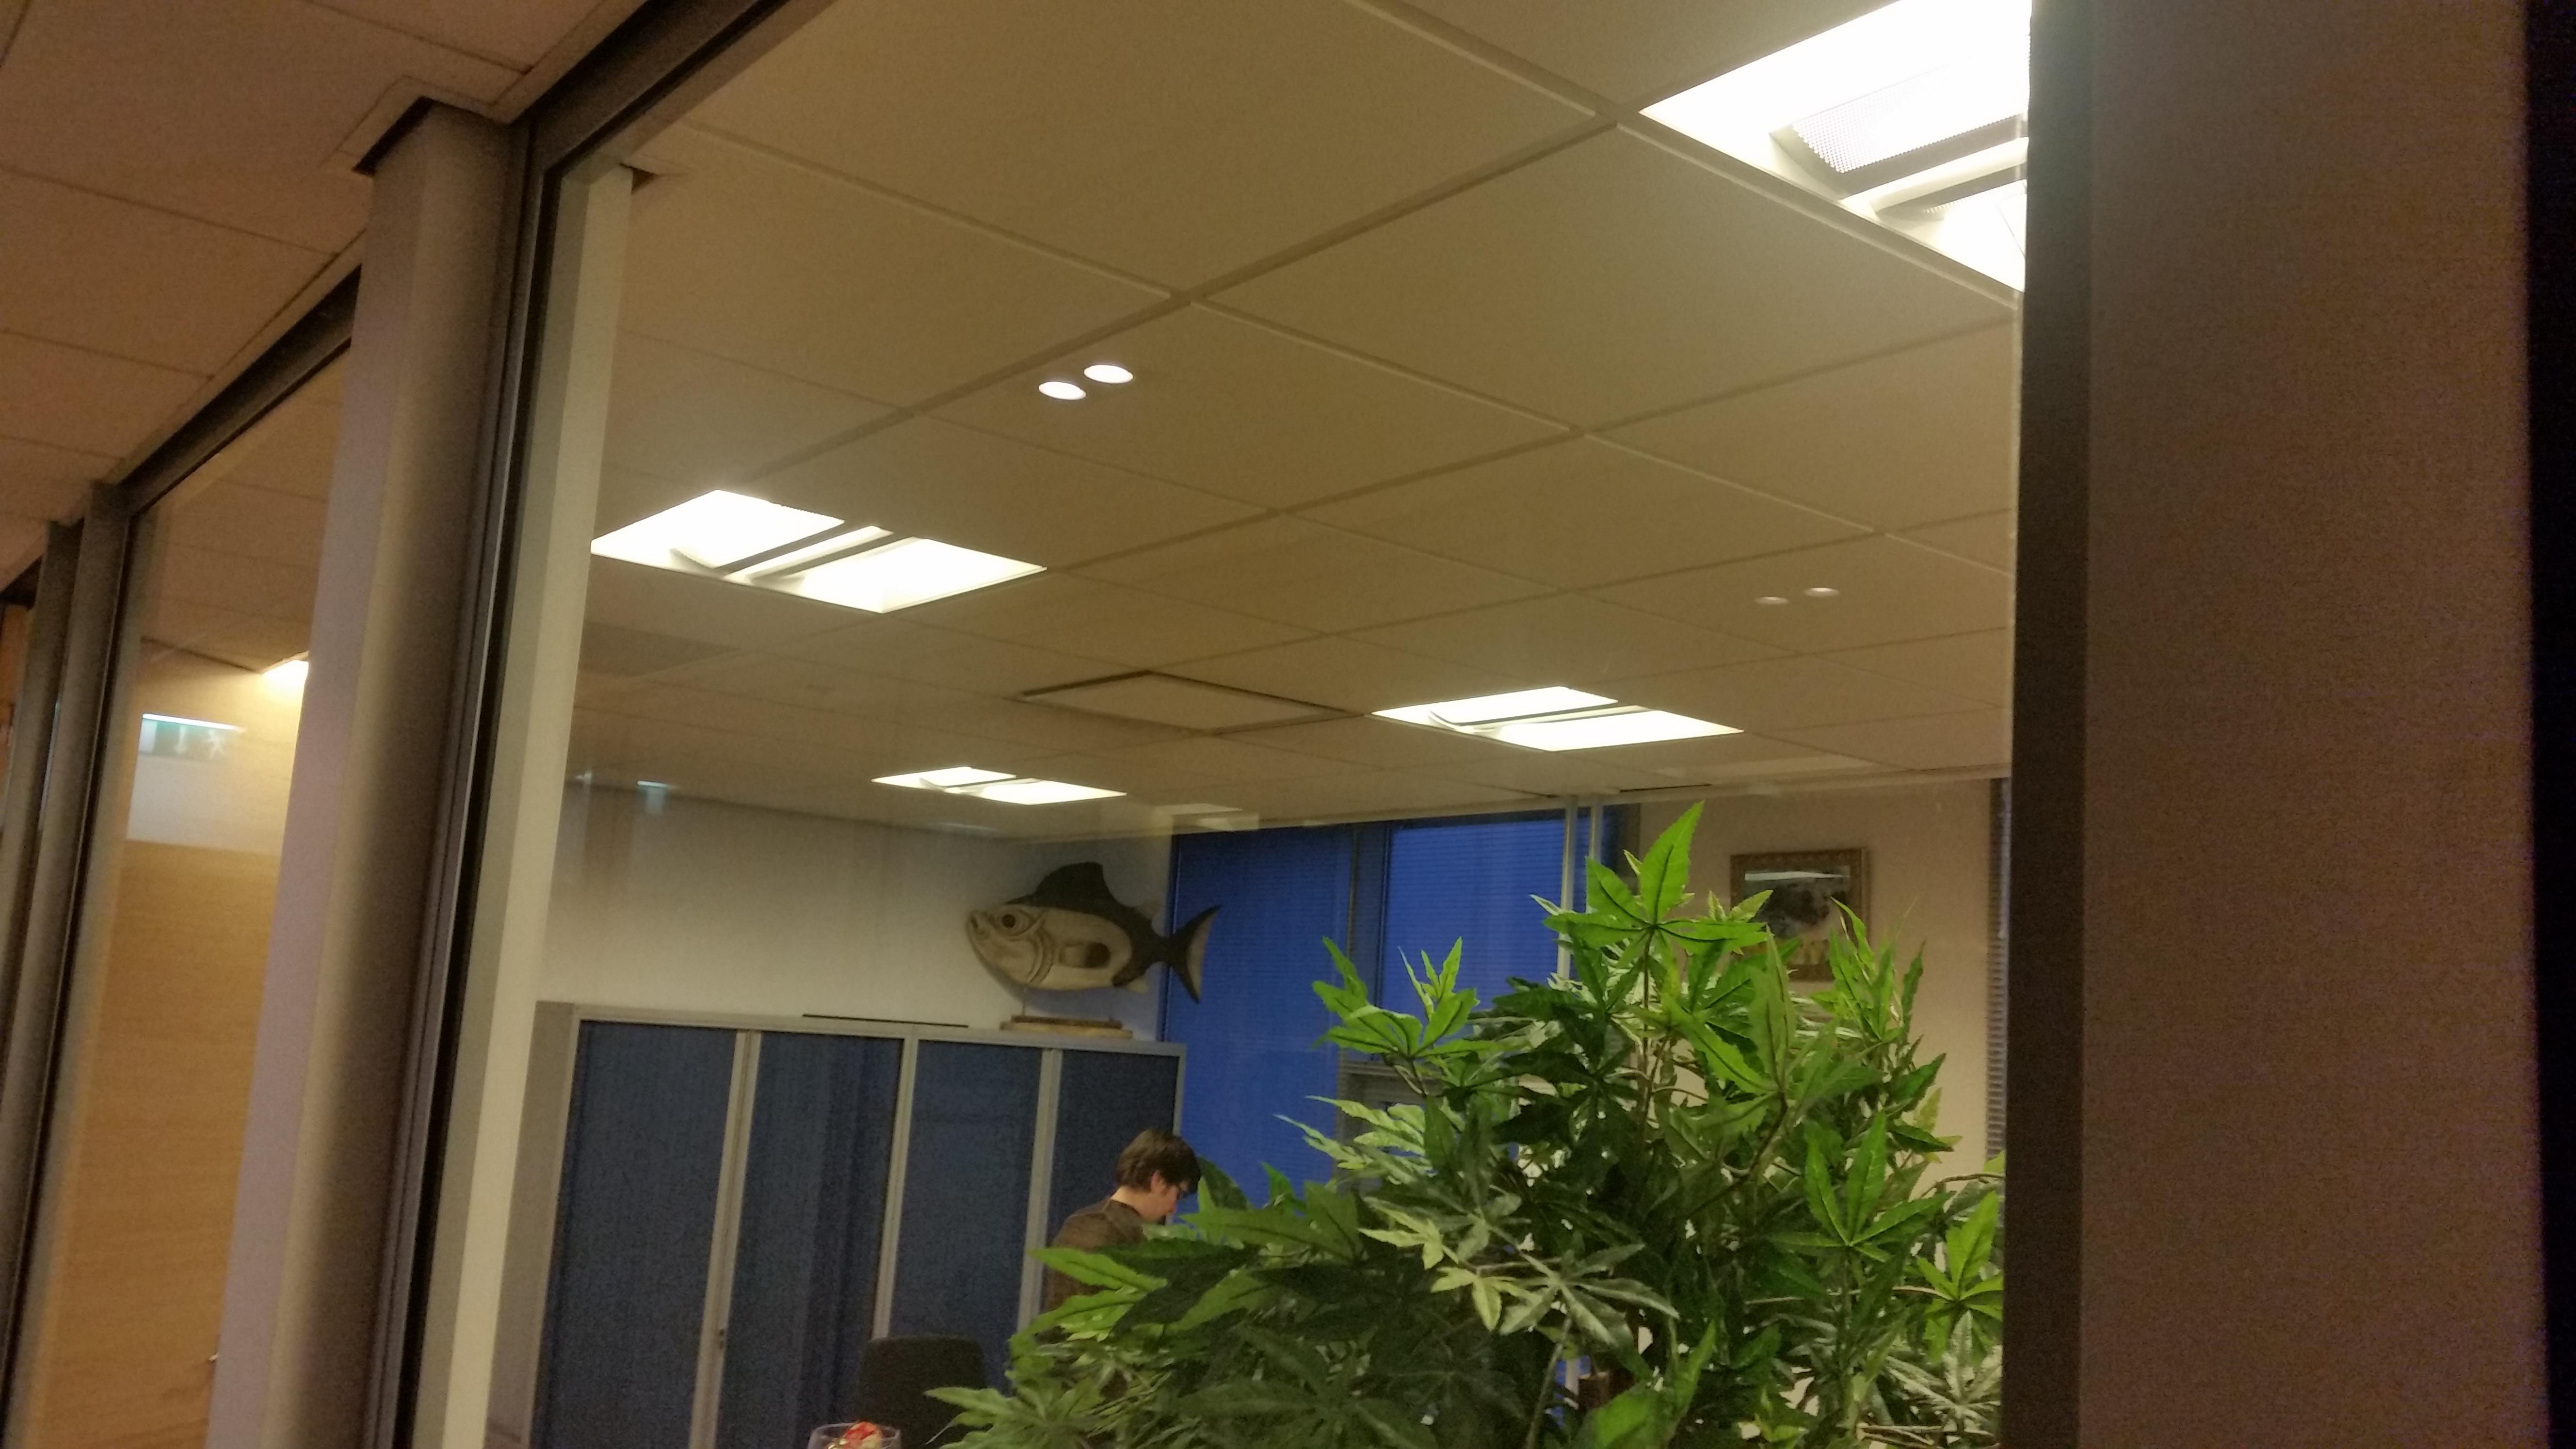 Onze projecten hoekstra lighting - Kantoor met geintegreerde opslagruimte ...